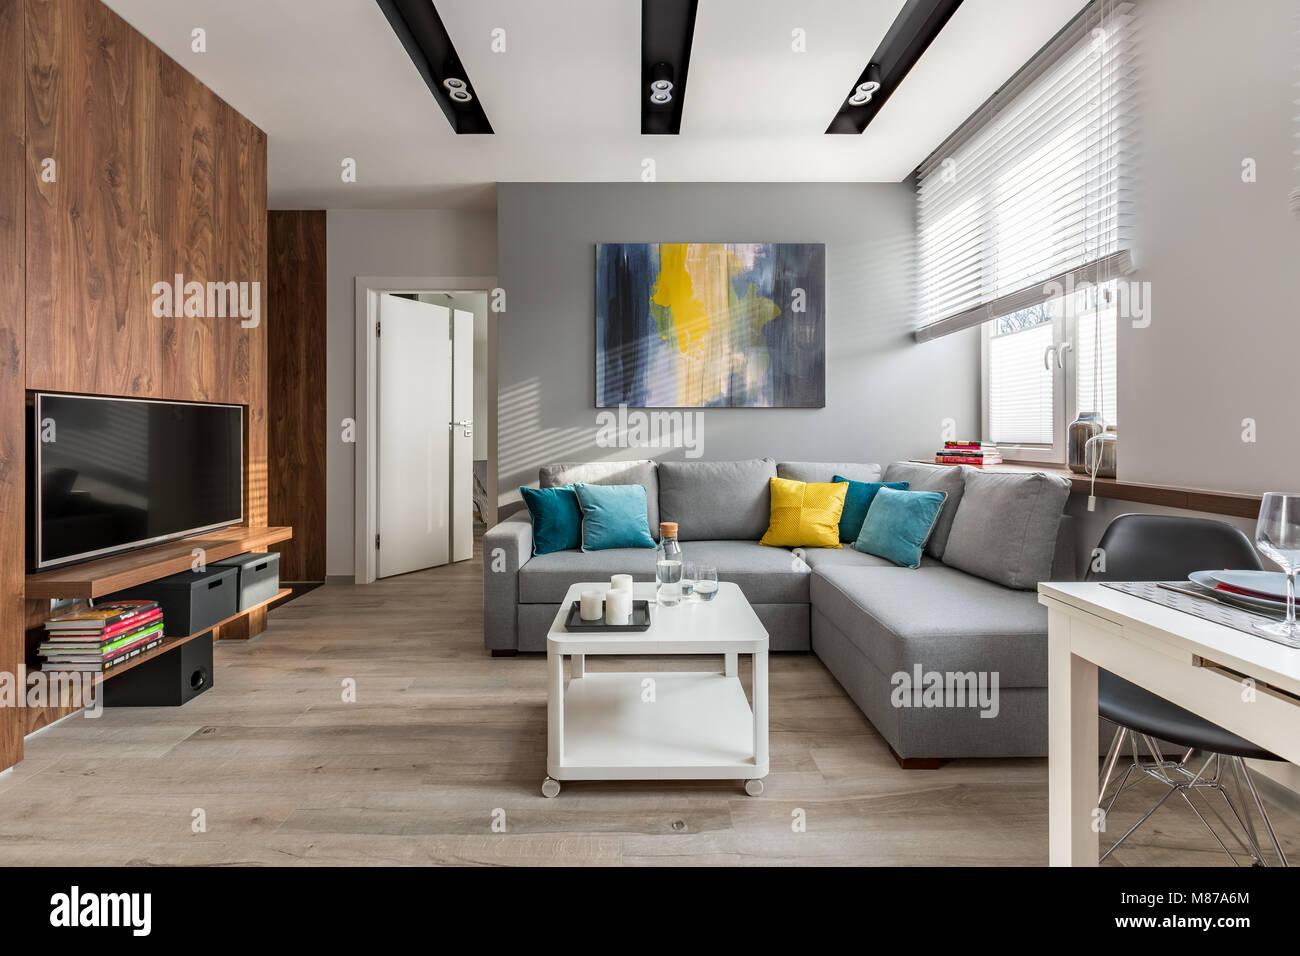 Tv Wohnzimmer mit Holzwänden und große, graue Sofa Stockfoto ...